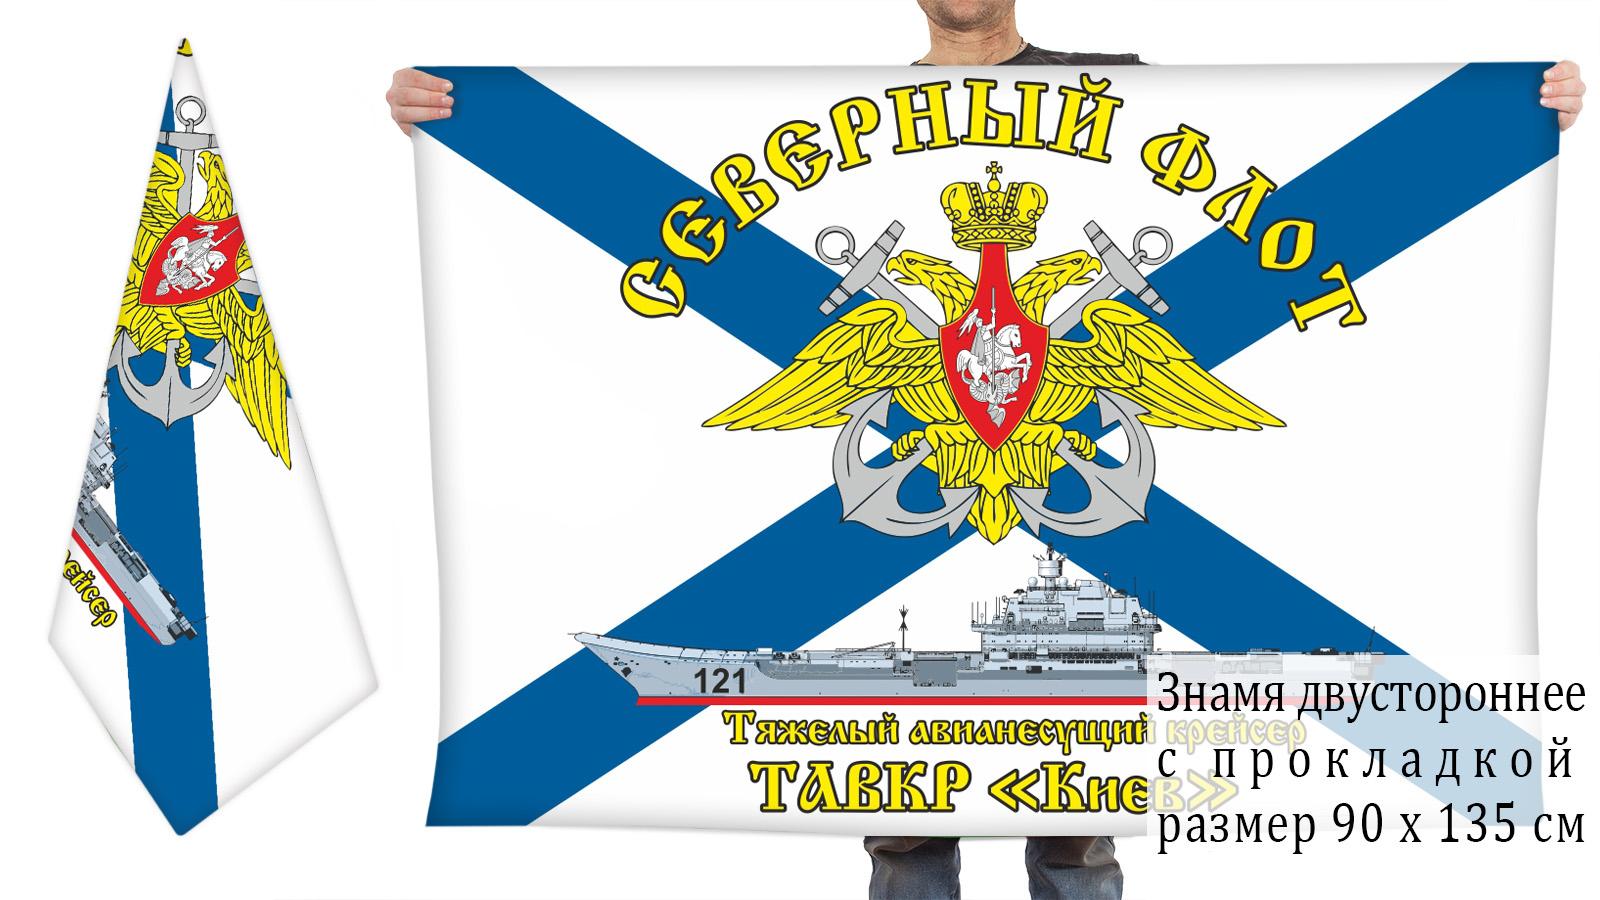 Недорогие флаги с символикой ВМФ, ТАВКР Киев